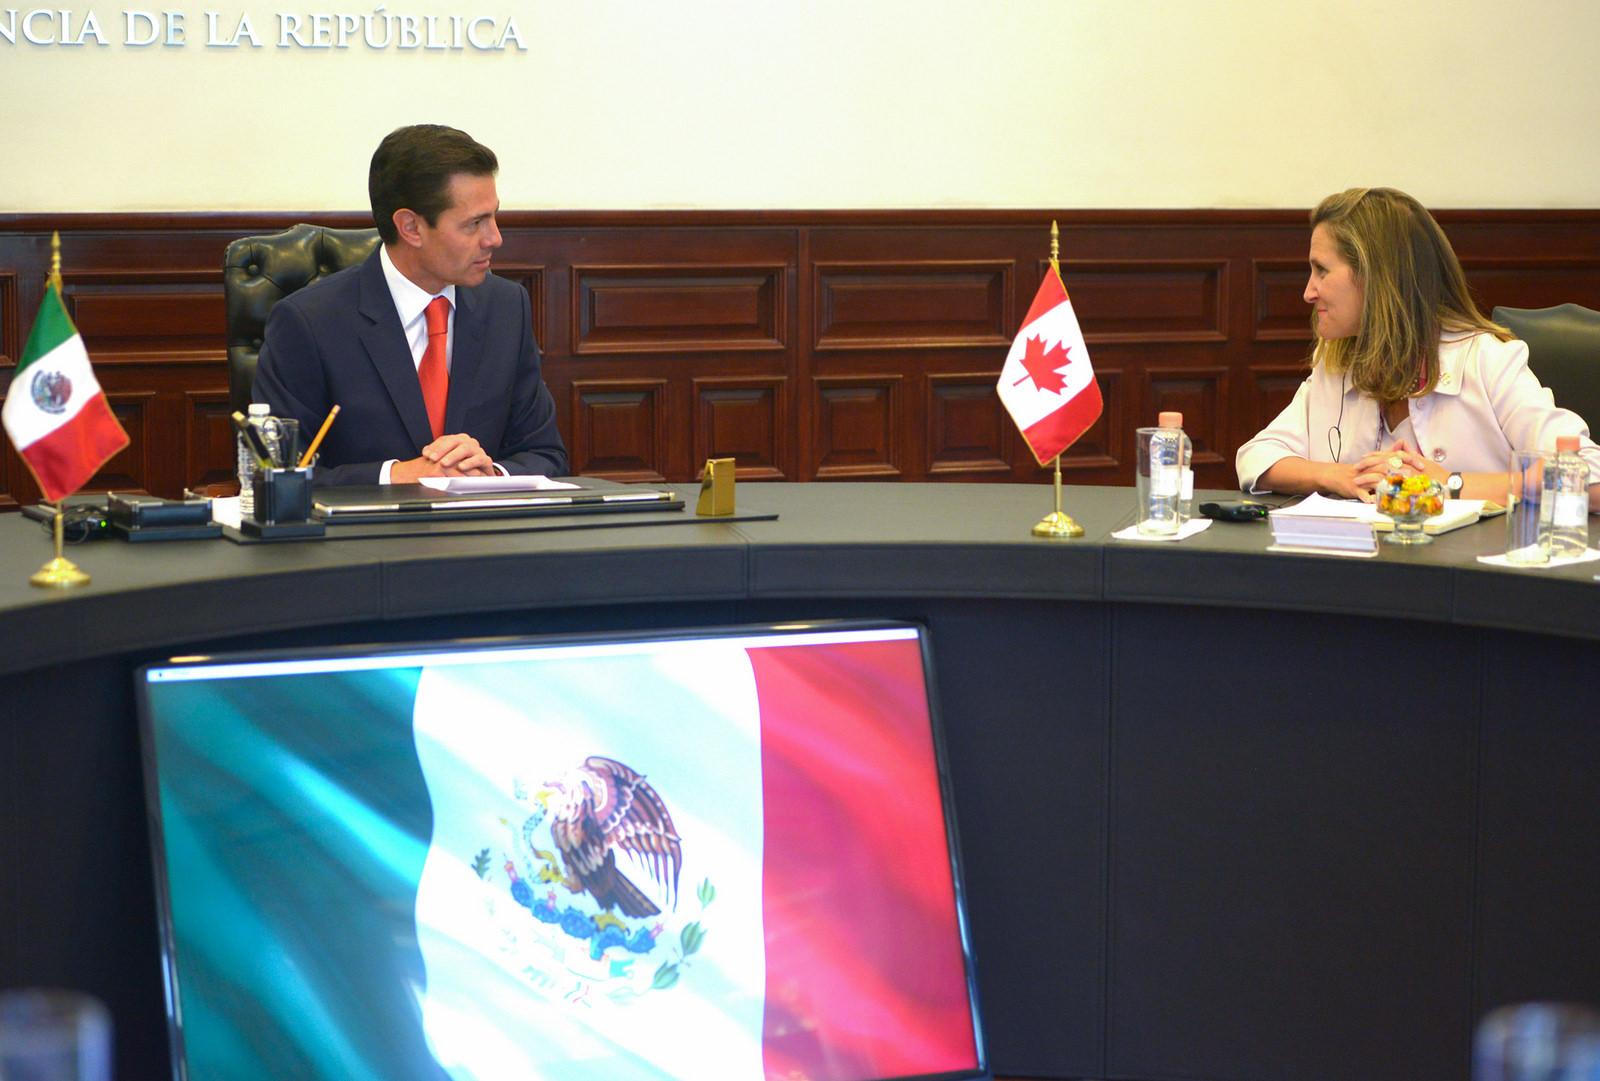 Chrystia Freeland meets with Mexican President Enrique Peña Nieto